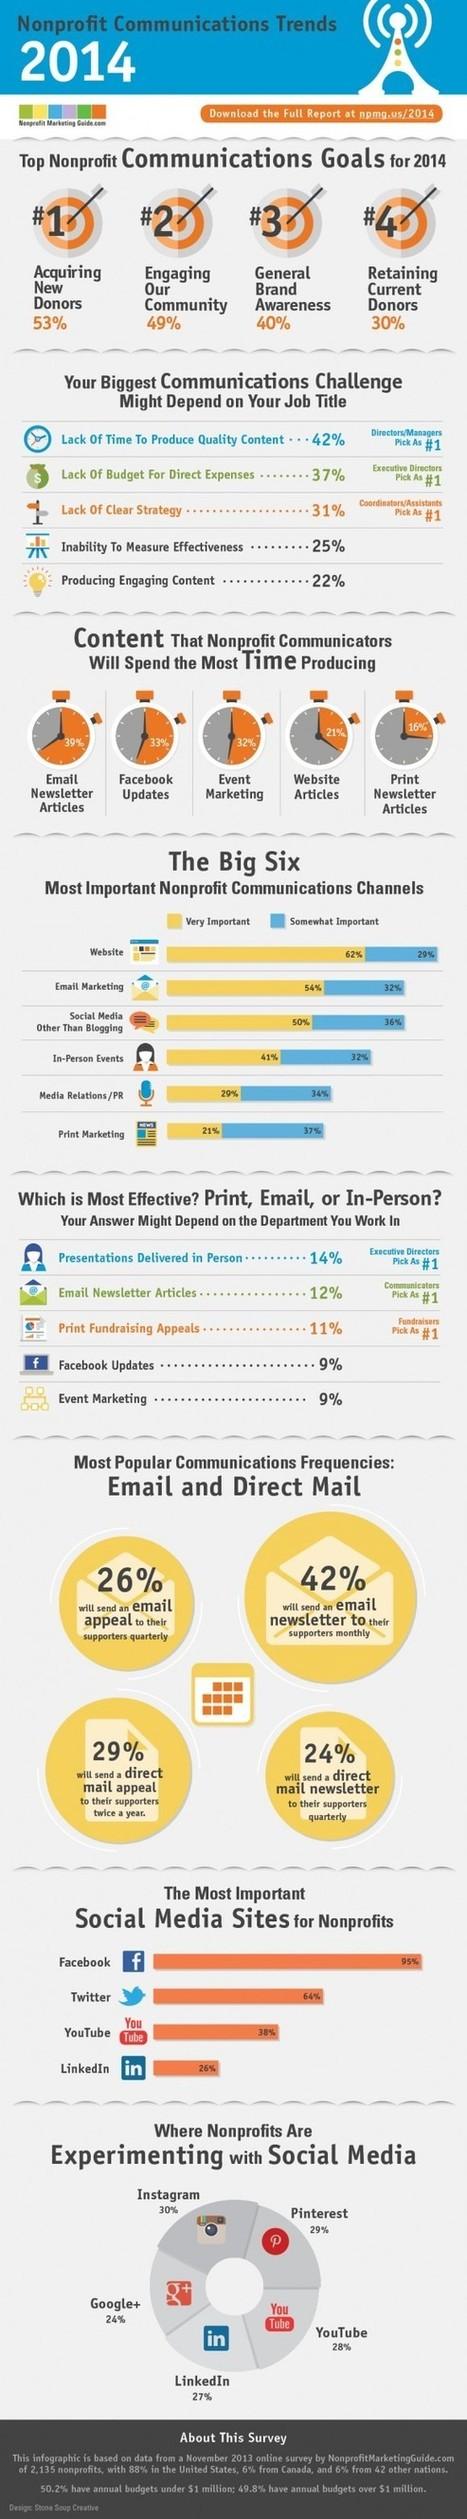 Non-Profit Communications Trends 2014 | Nonprofit Digital Engagement | Scoop.it